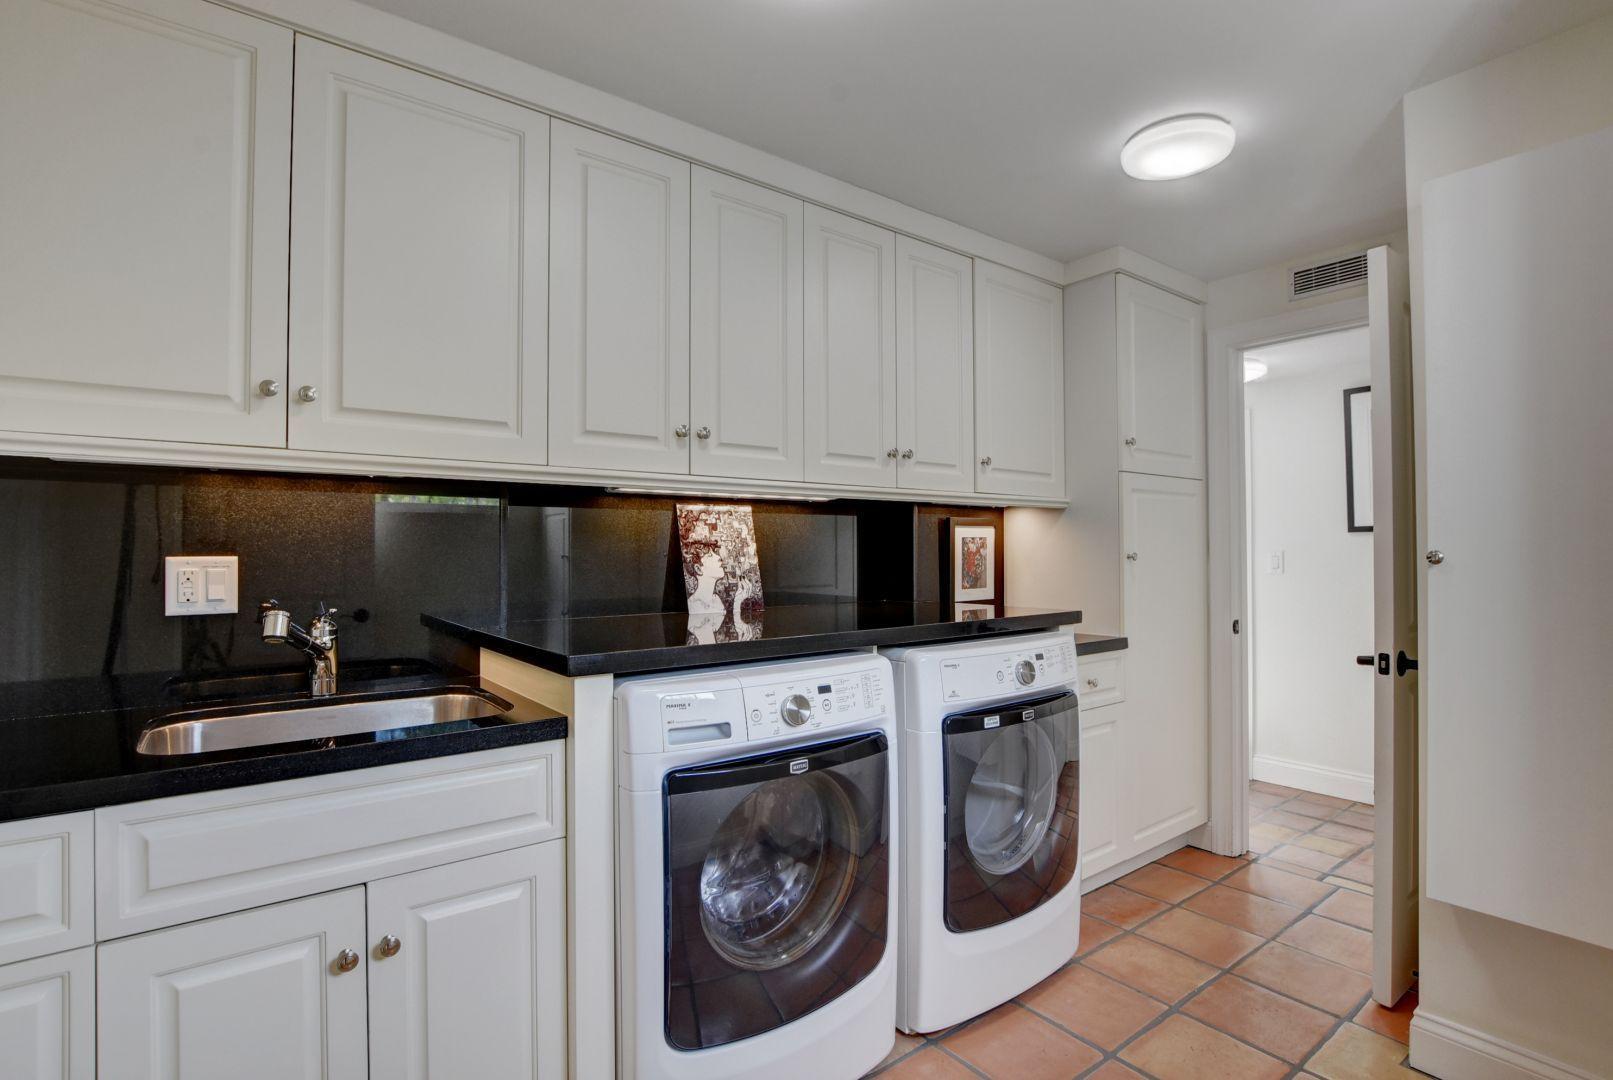 54_Laundry Room:Storage